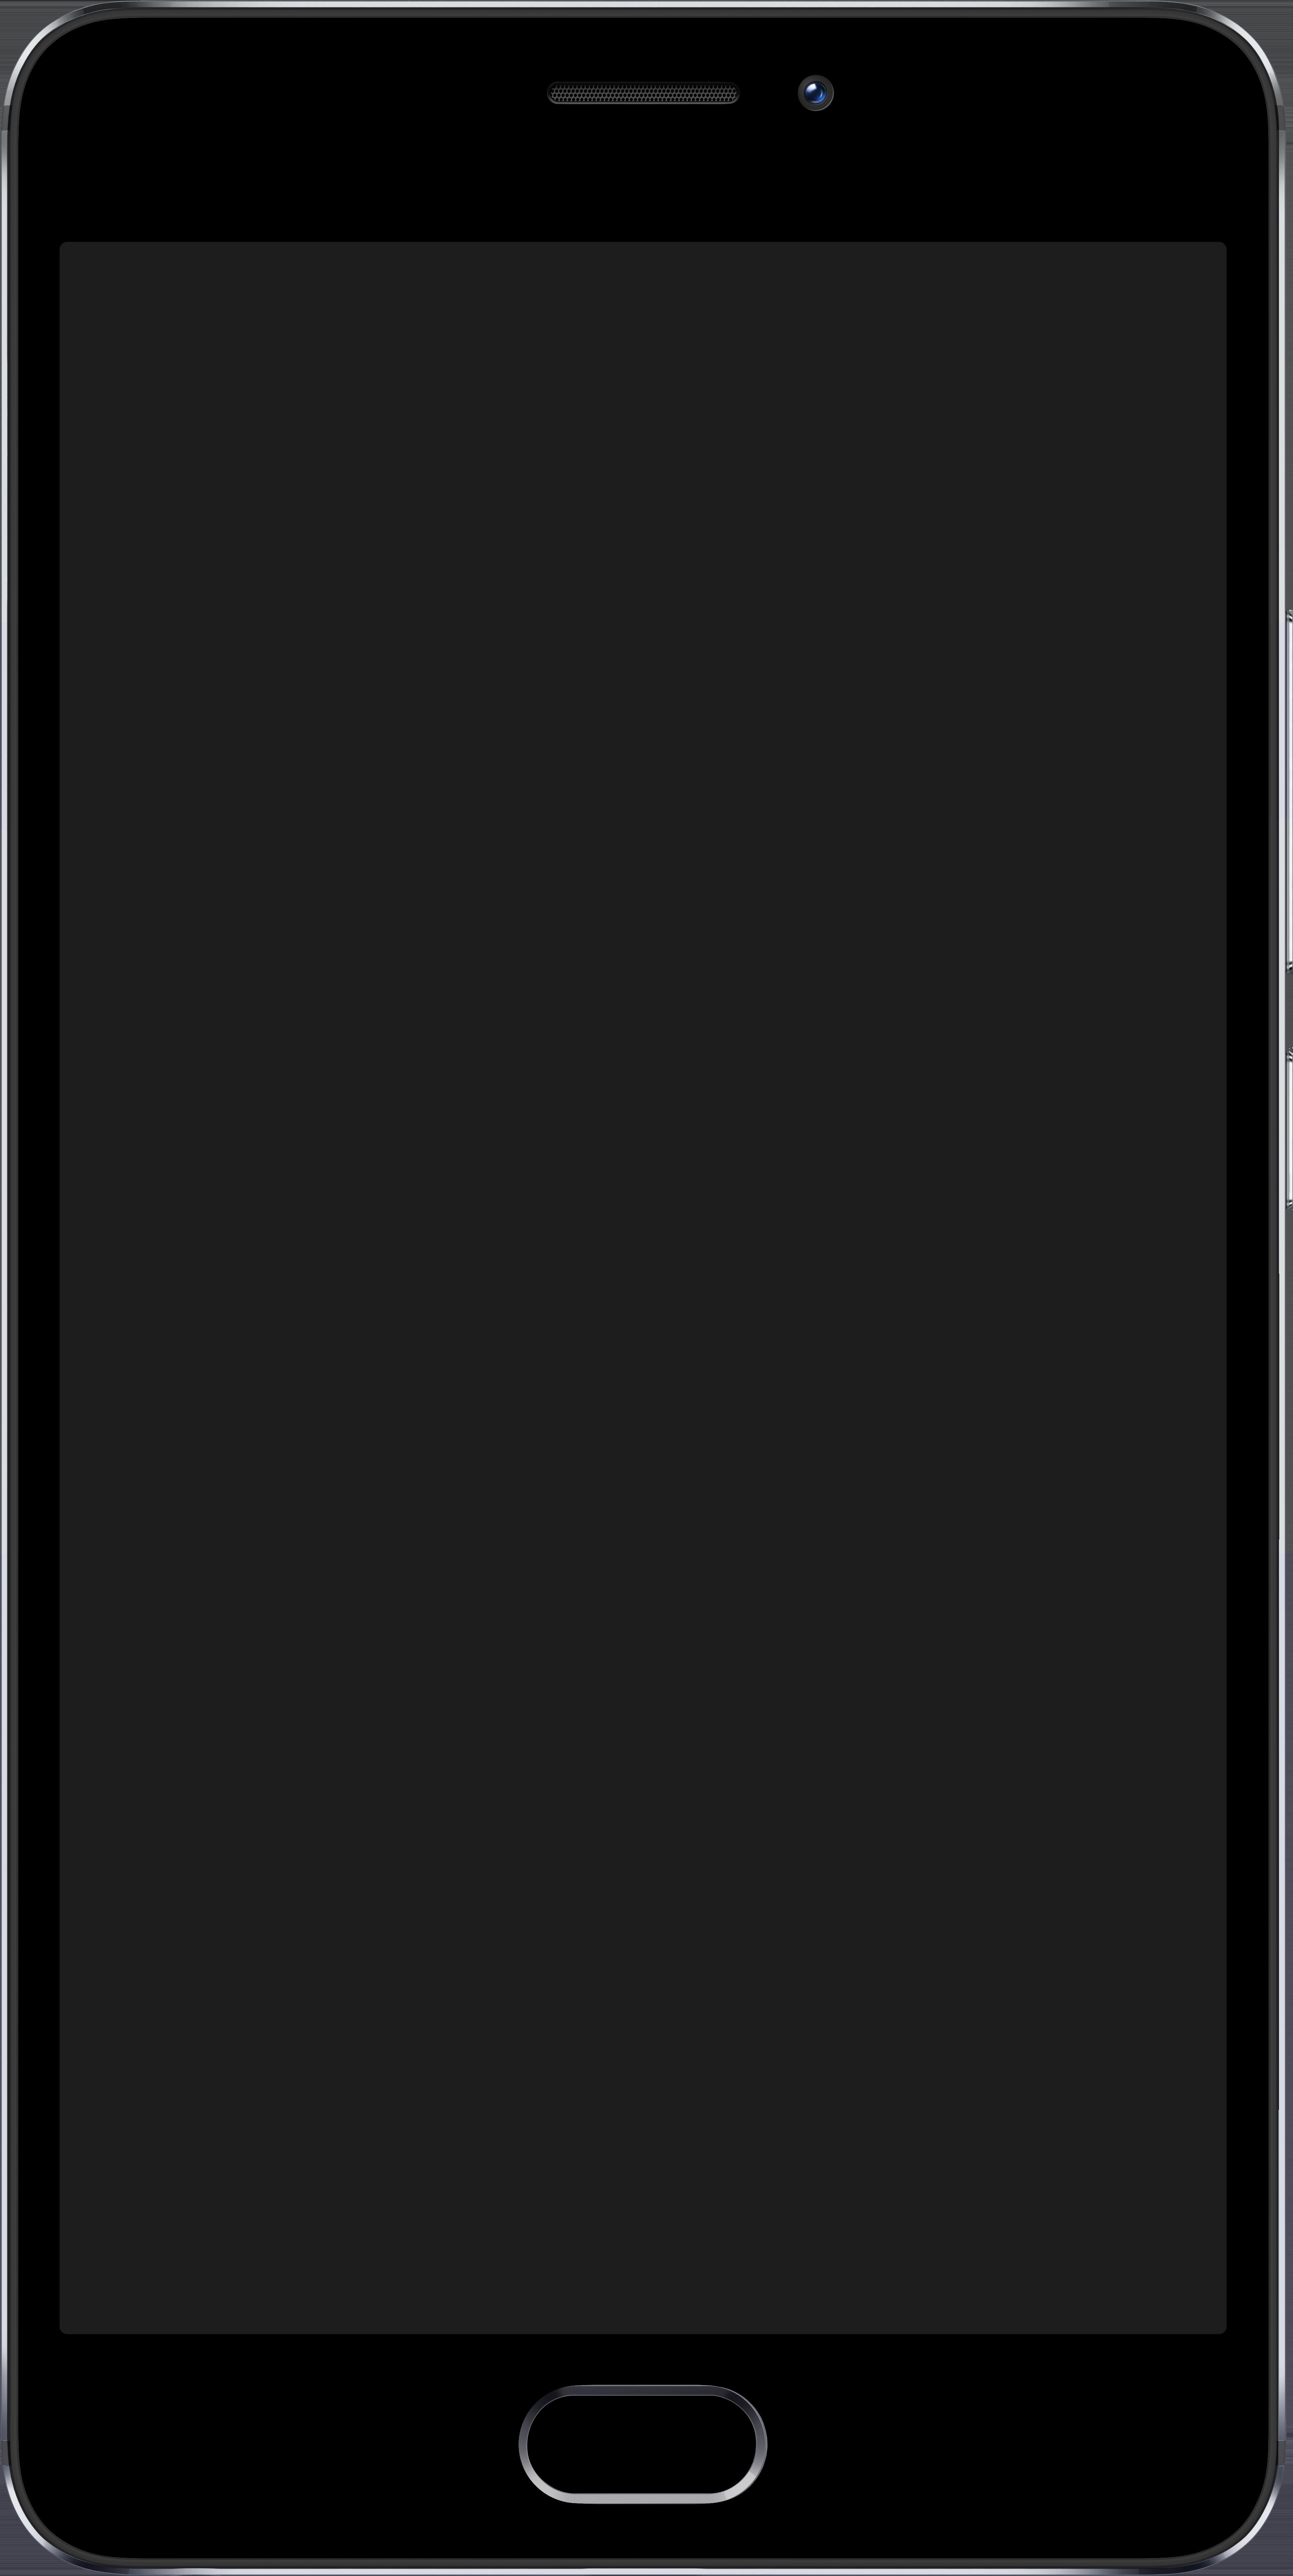 Meizu M3 Max - Wikipedia